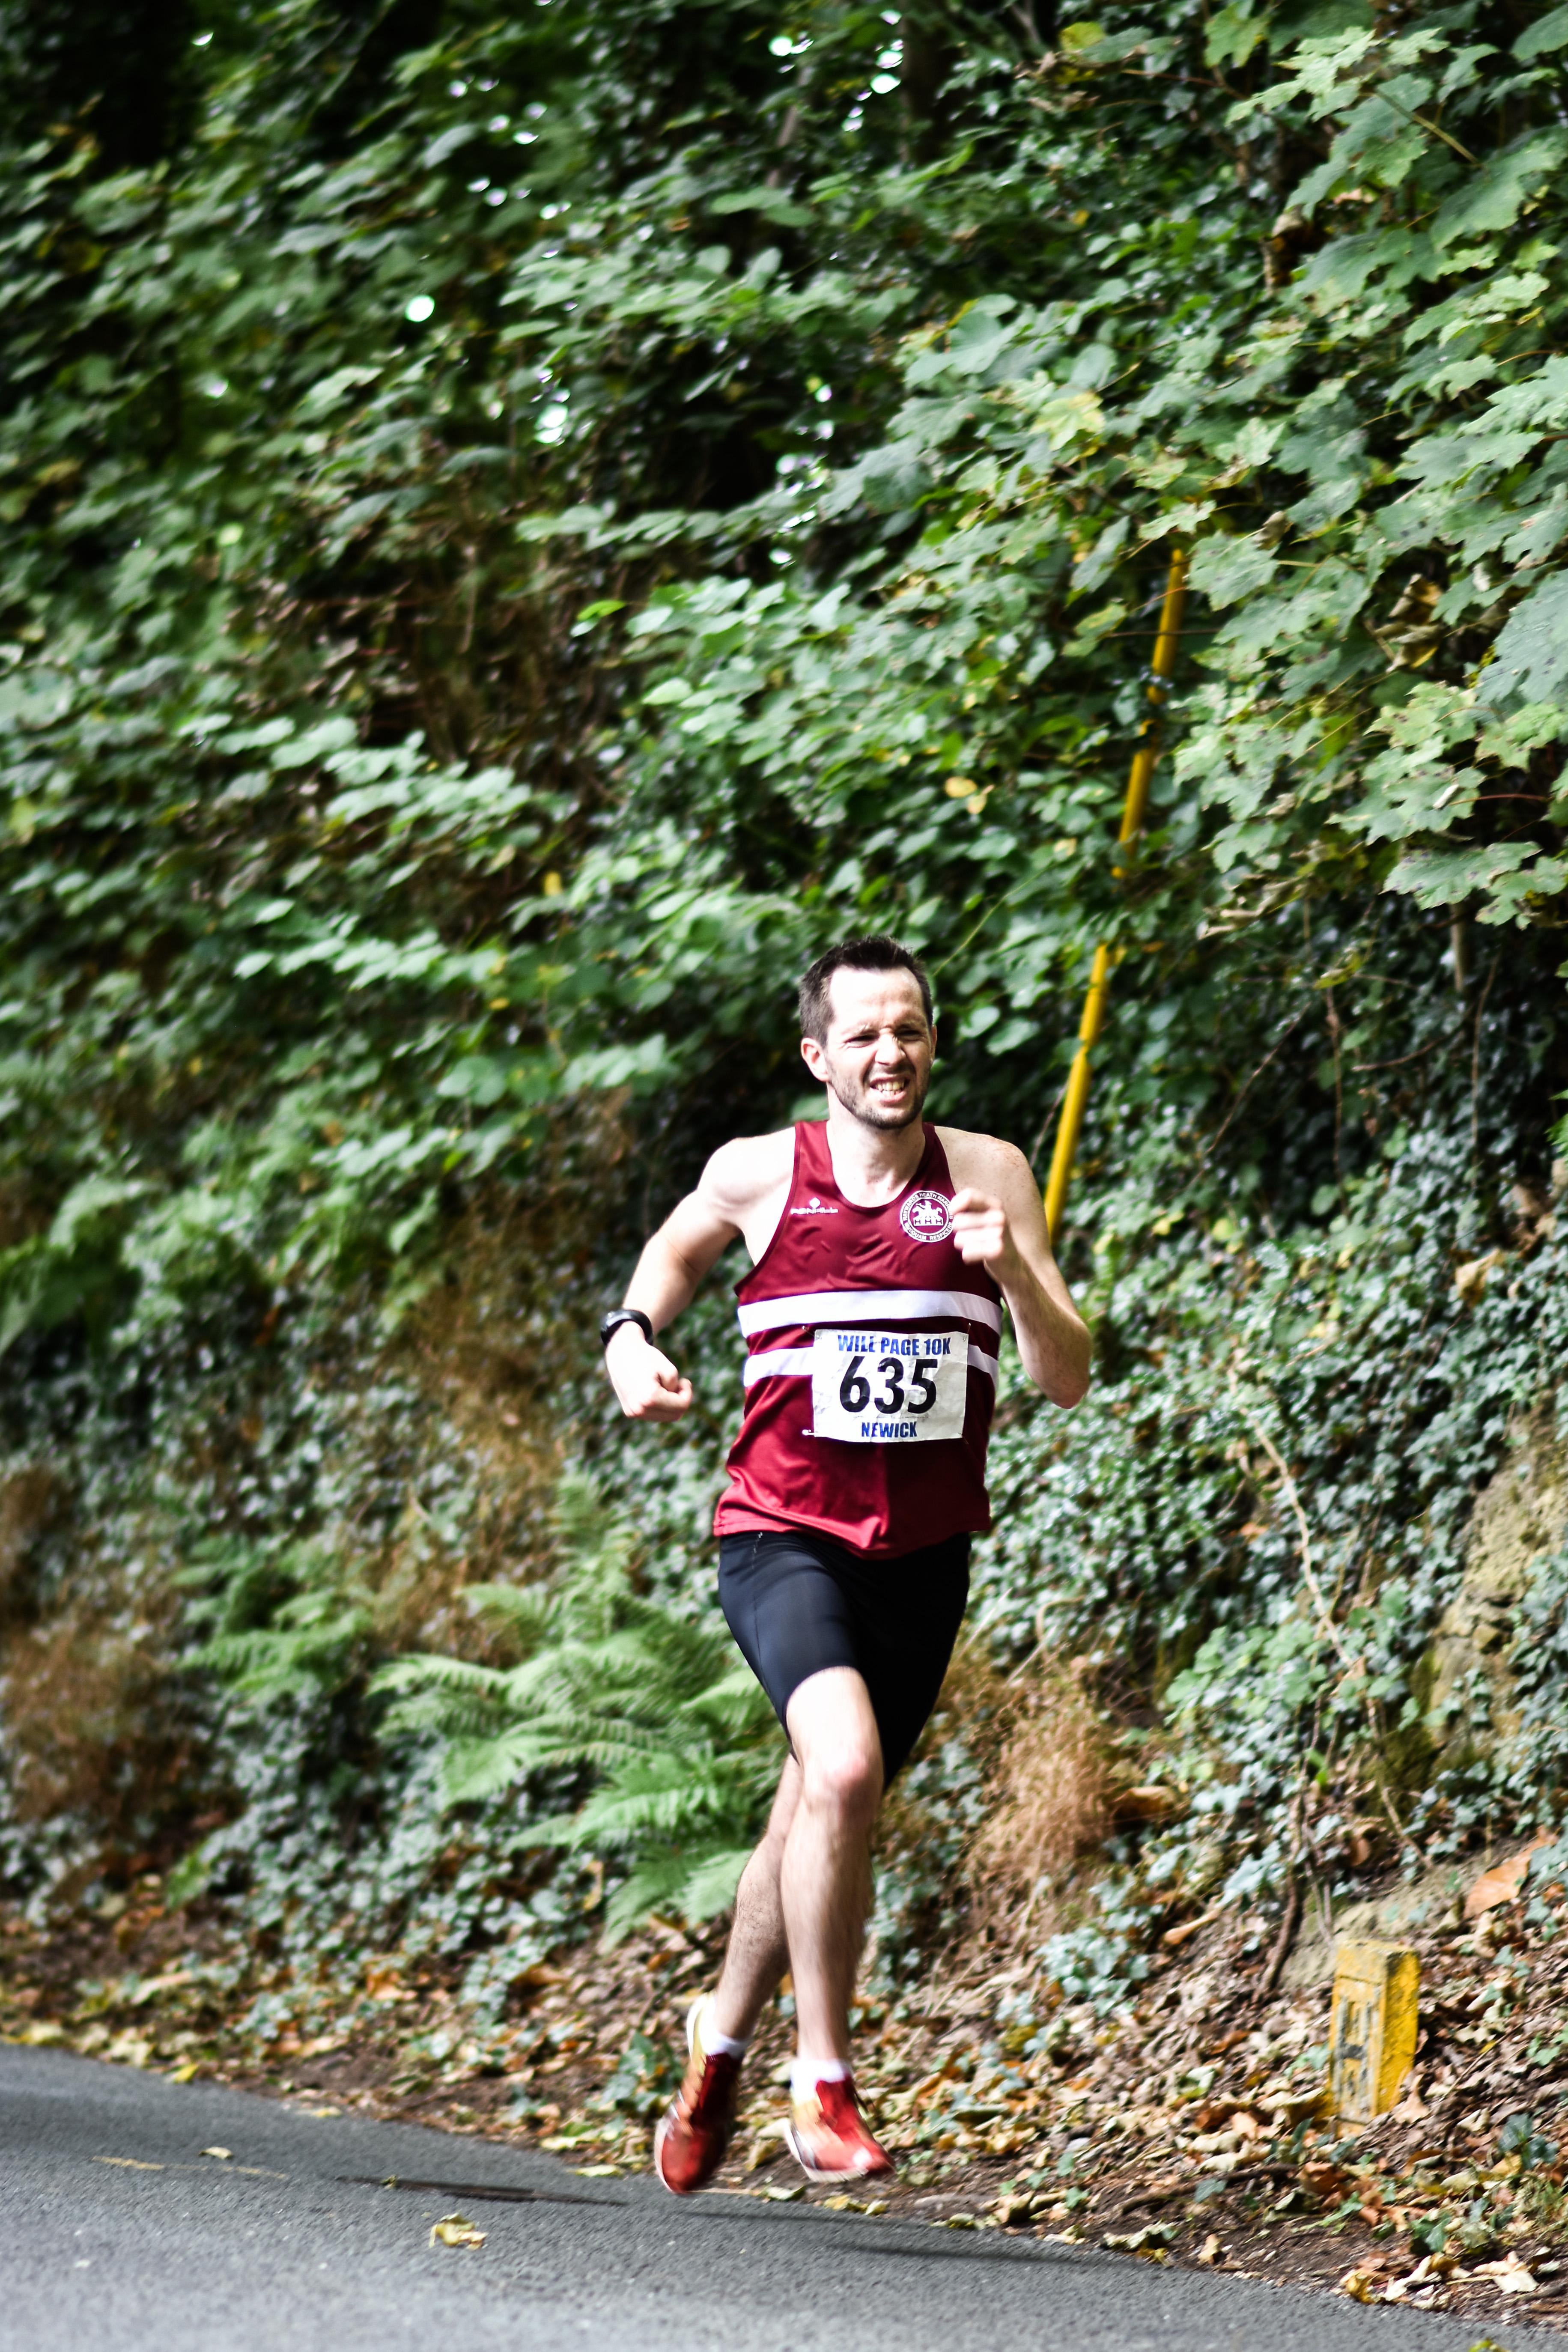 Runner - 635